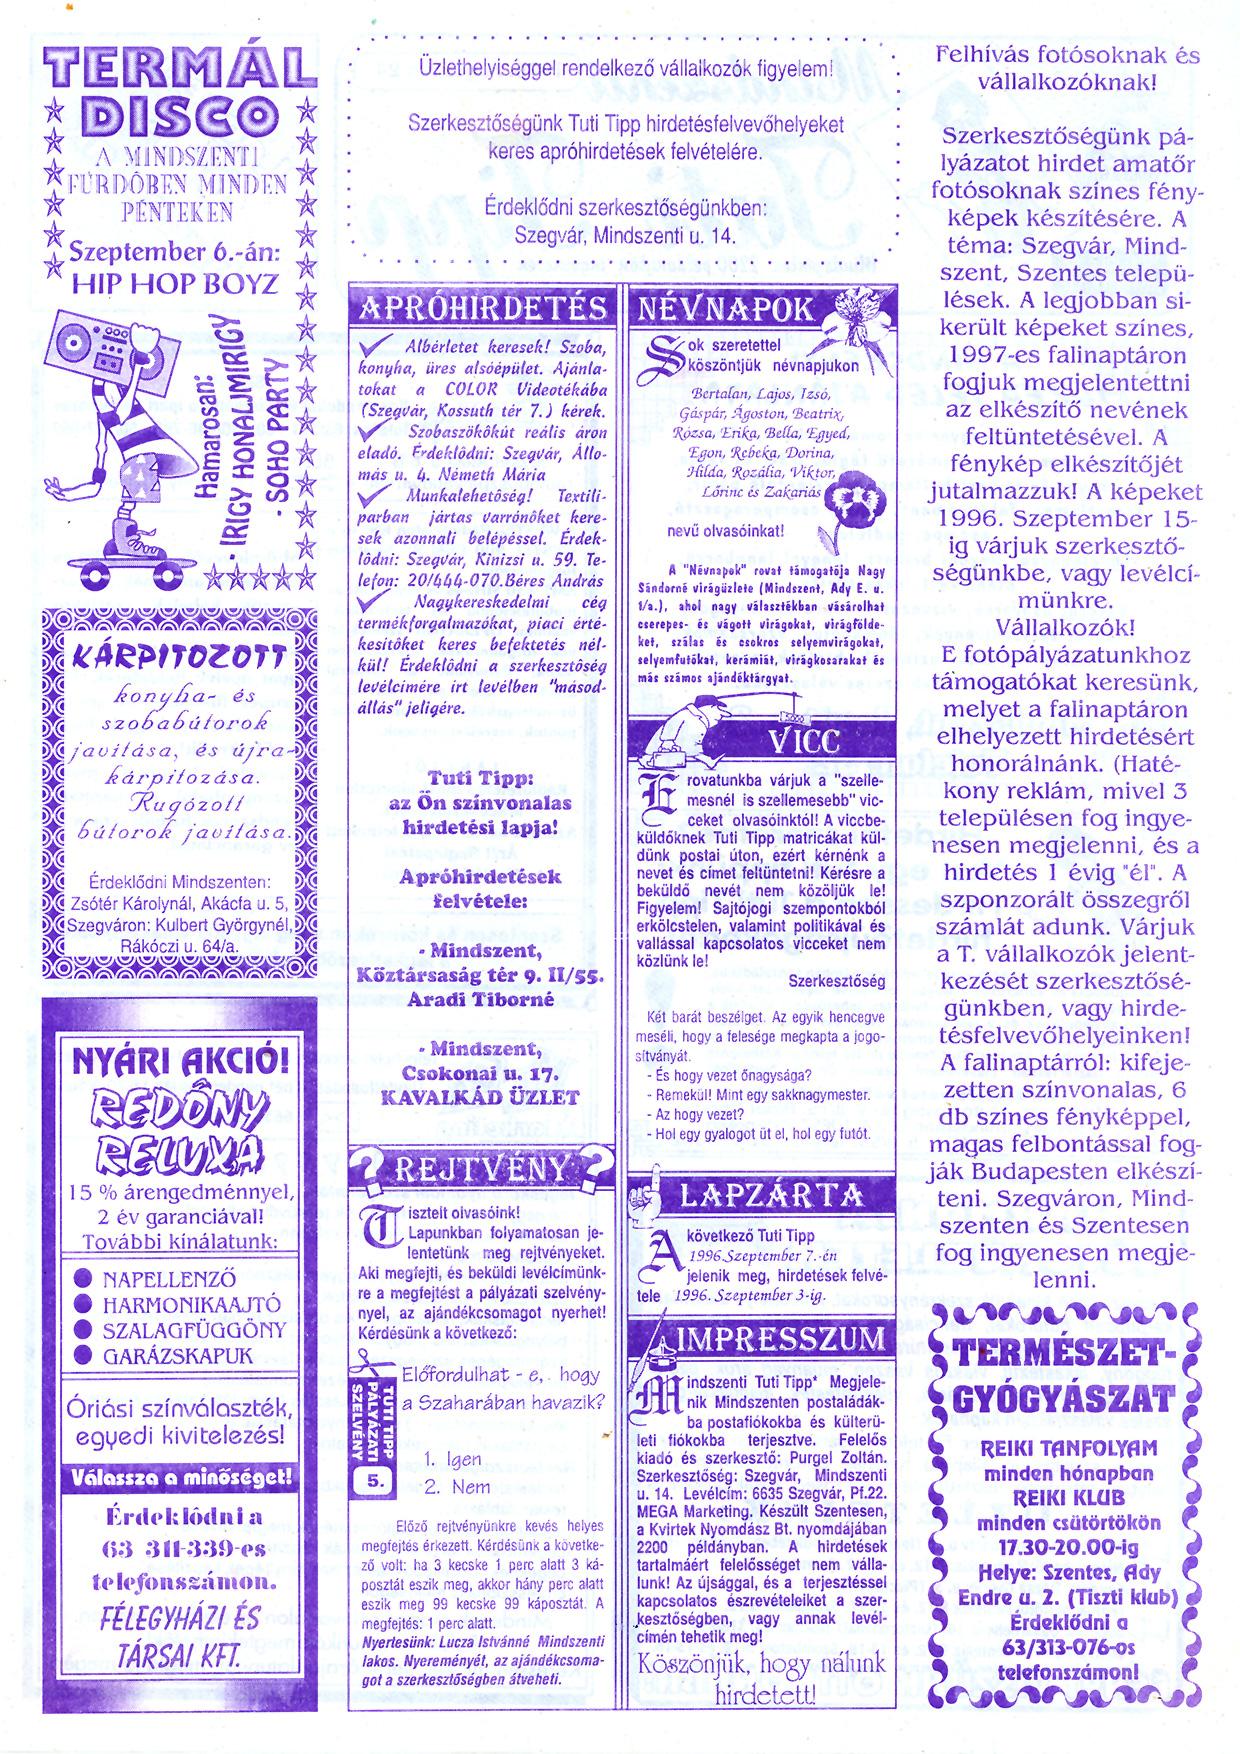 046 Mindszenti Tuti Tipp reklámújság - 19960824-005. lapszám - 2.oldal - II. évfolyam.jpg